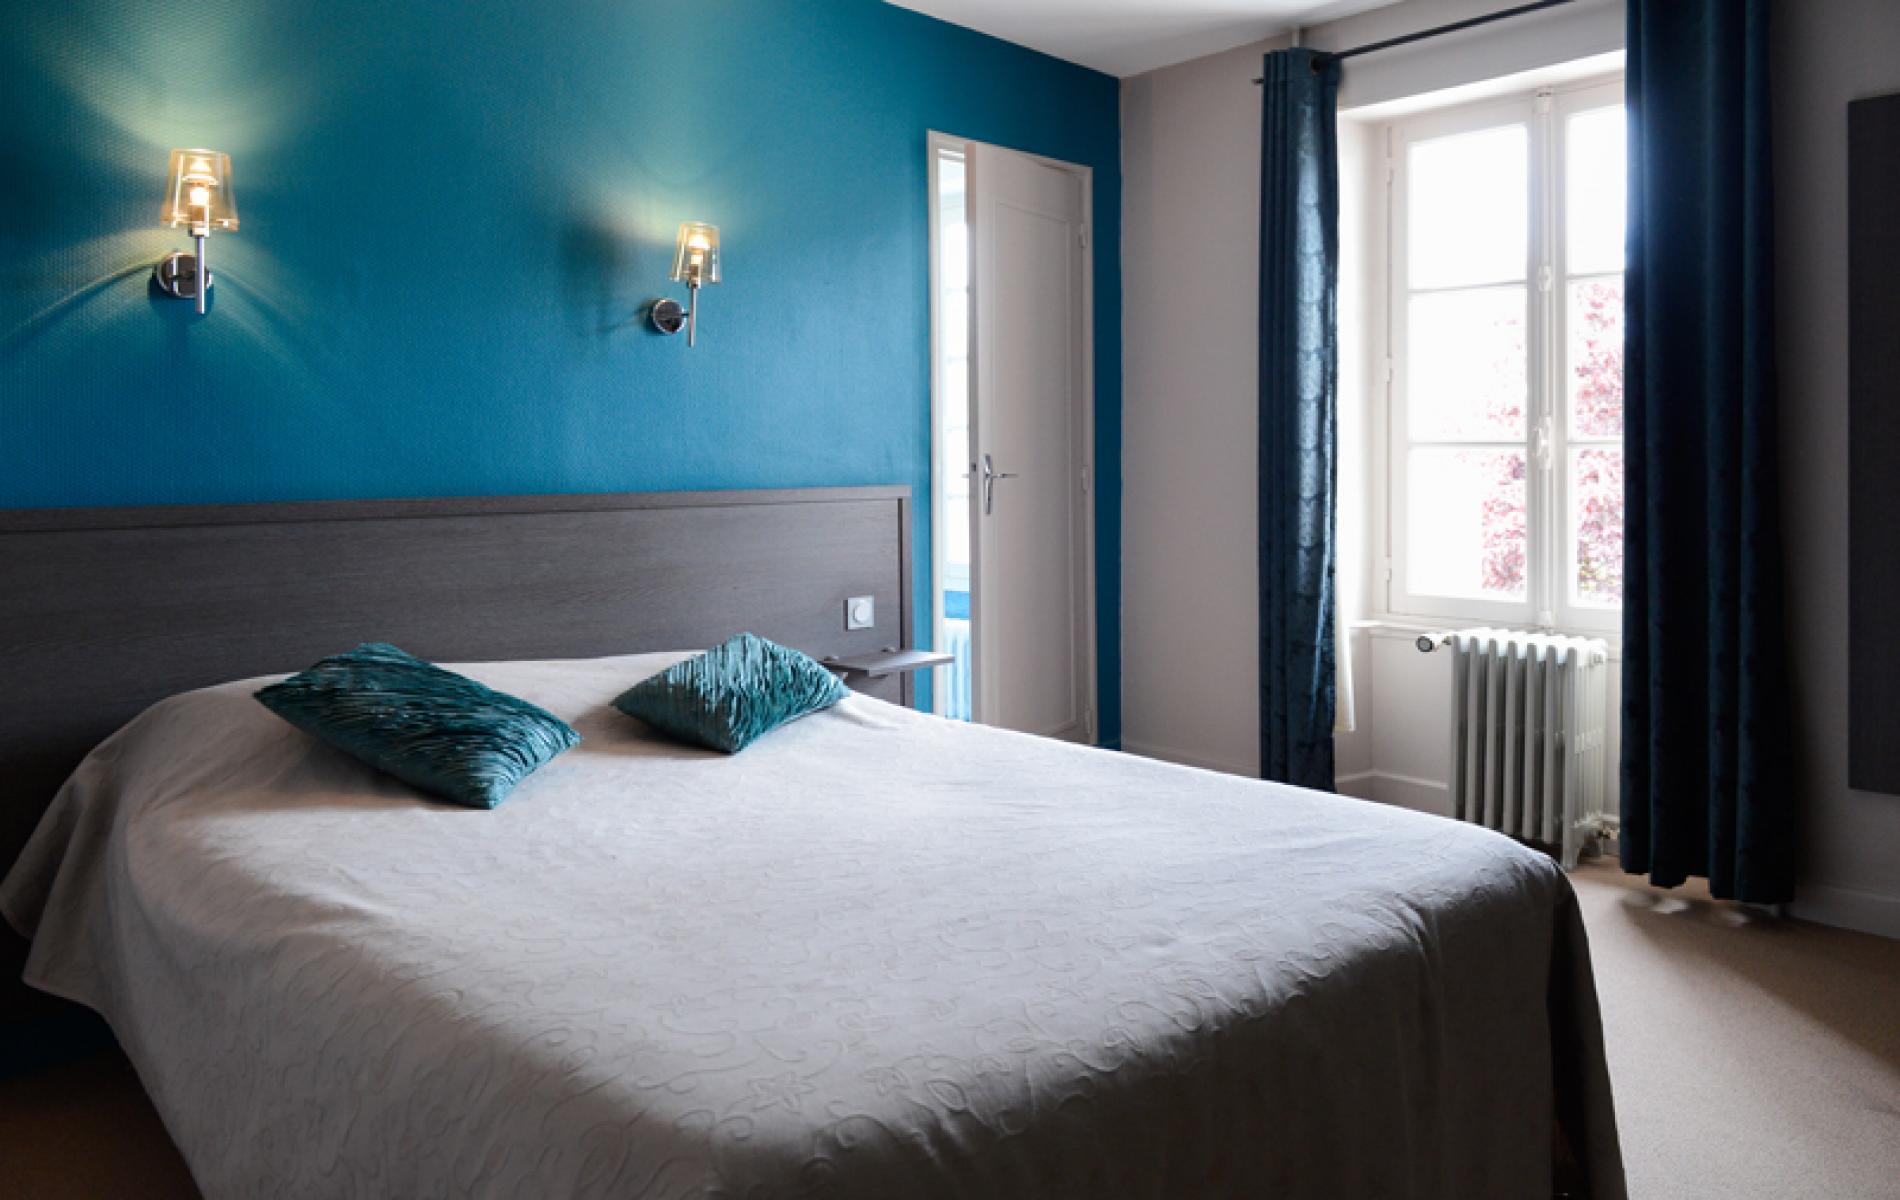 Frais chambre d hote avec jacuzzi privatif normandie - Chambre avec jacuzzi normandie ...